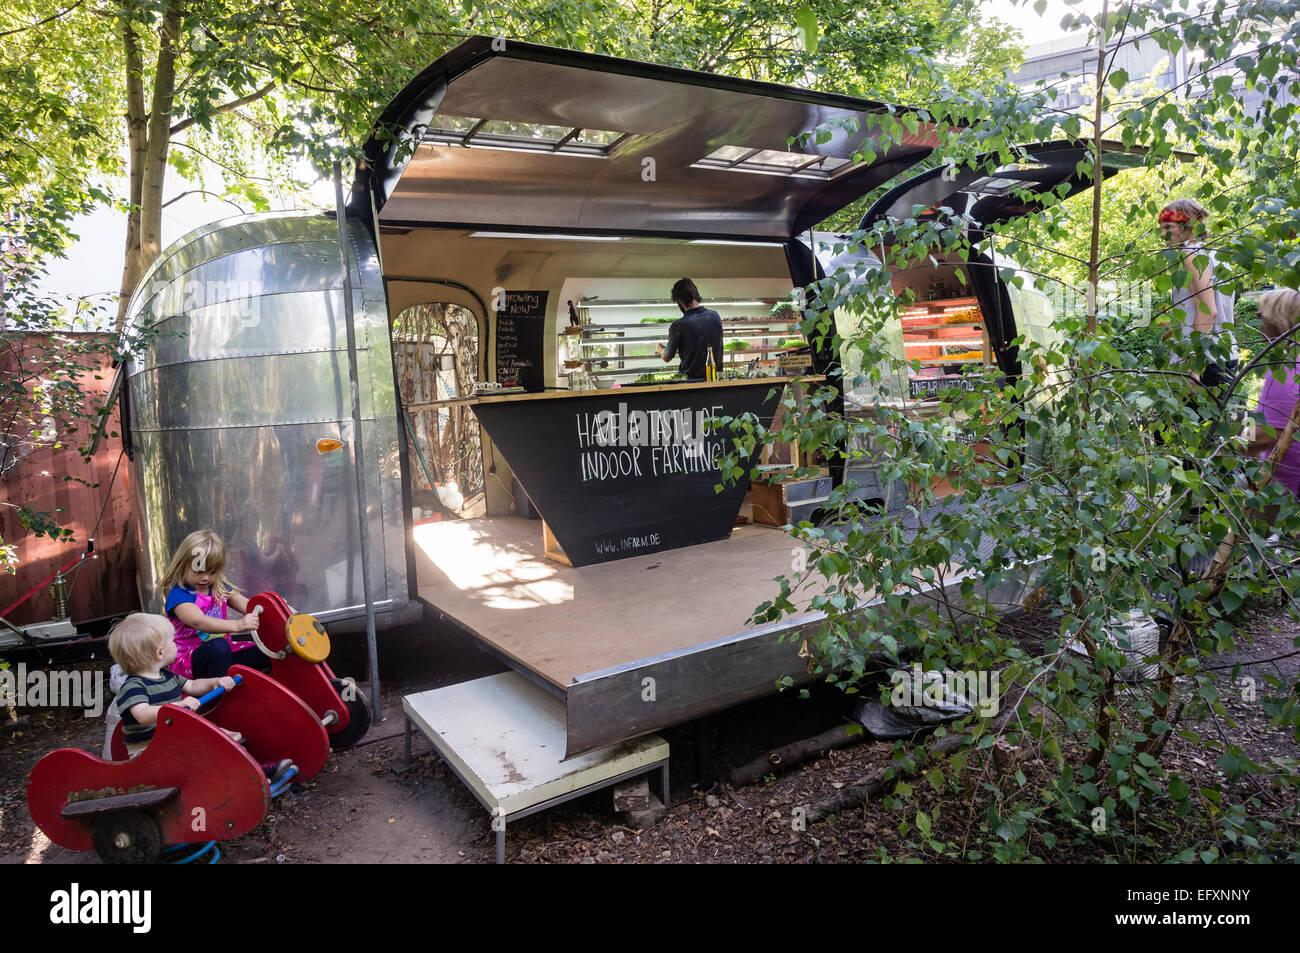 Princess Garden, Urban Gardening, mobile urbane Farm mit Kräutern und Vegatable, Kreuzberg, Berlin Stockbild